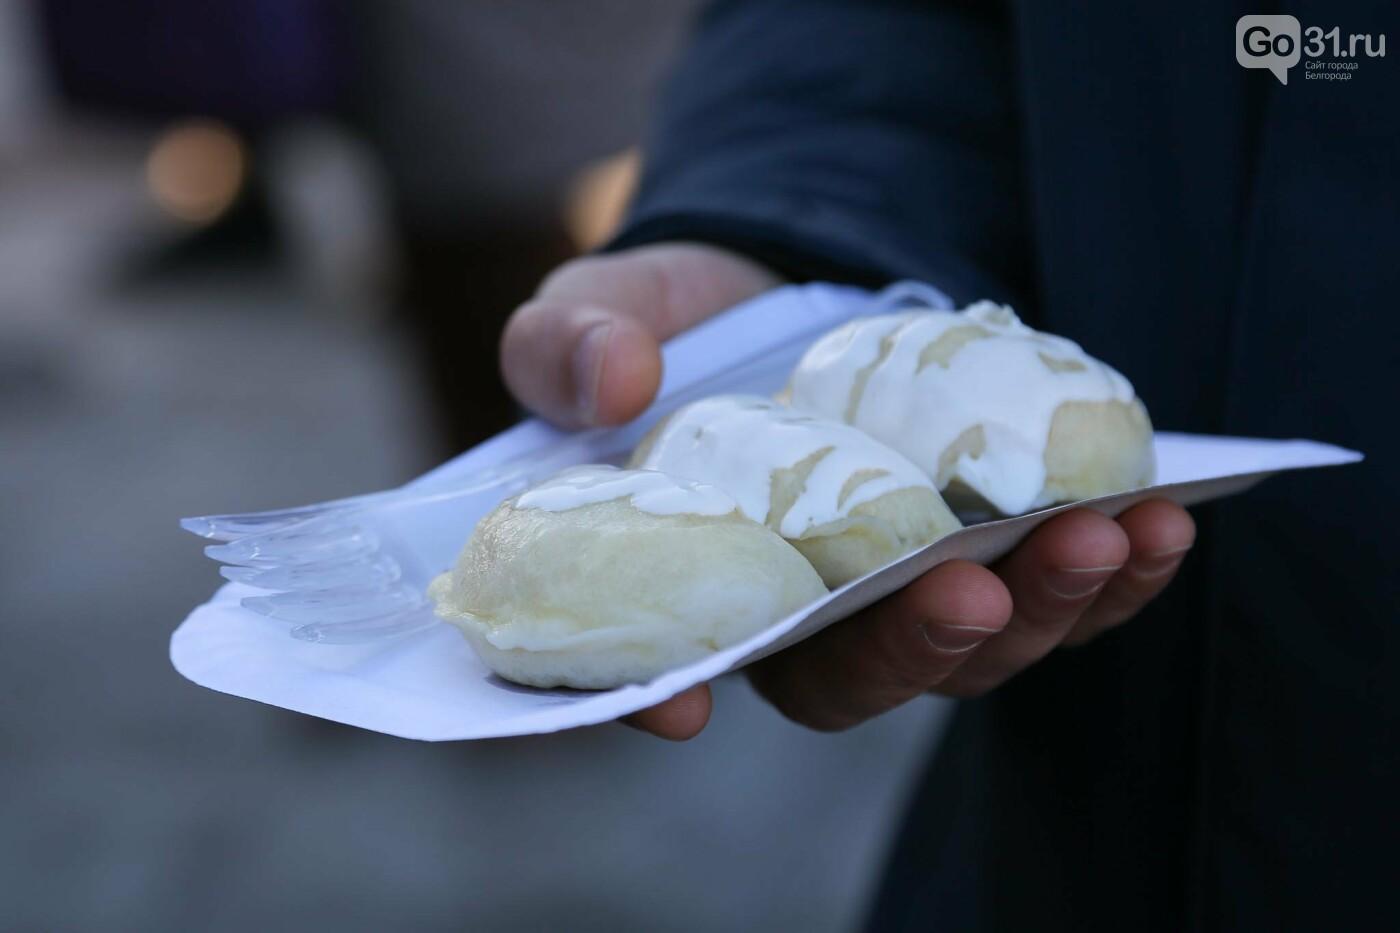 Дегустация, гастрономический парад, спецтроллейбус. В Белгороде прошёл фестиваль вареников, фото-12